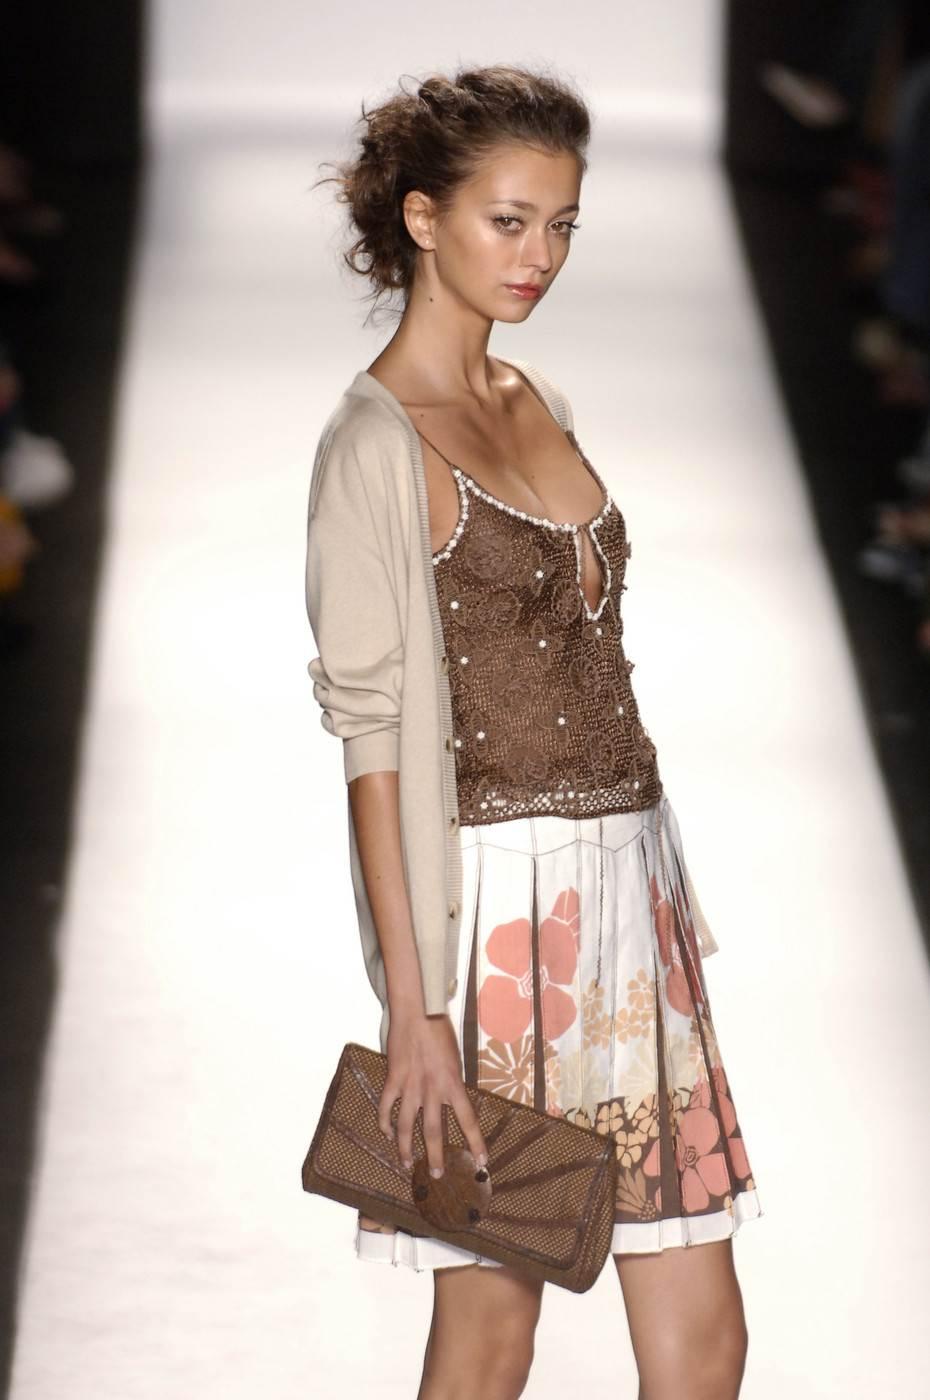 【外人】真木よう子に激似のフランス人モデルのモルガン・デュブレ(Morgane Dubled)乳首もろ出しでキャットウォークしてるポルノ画像 2123